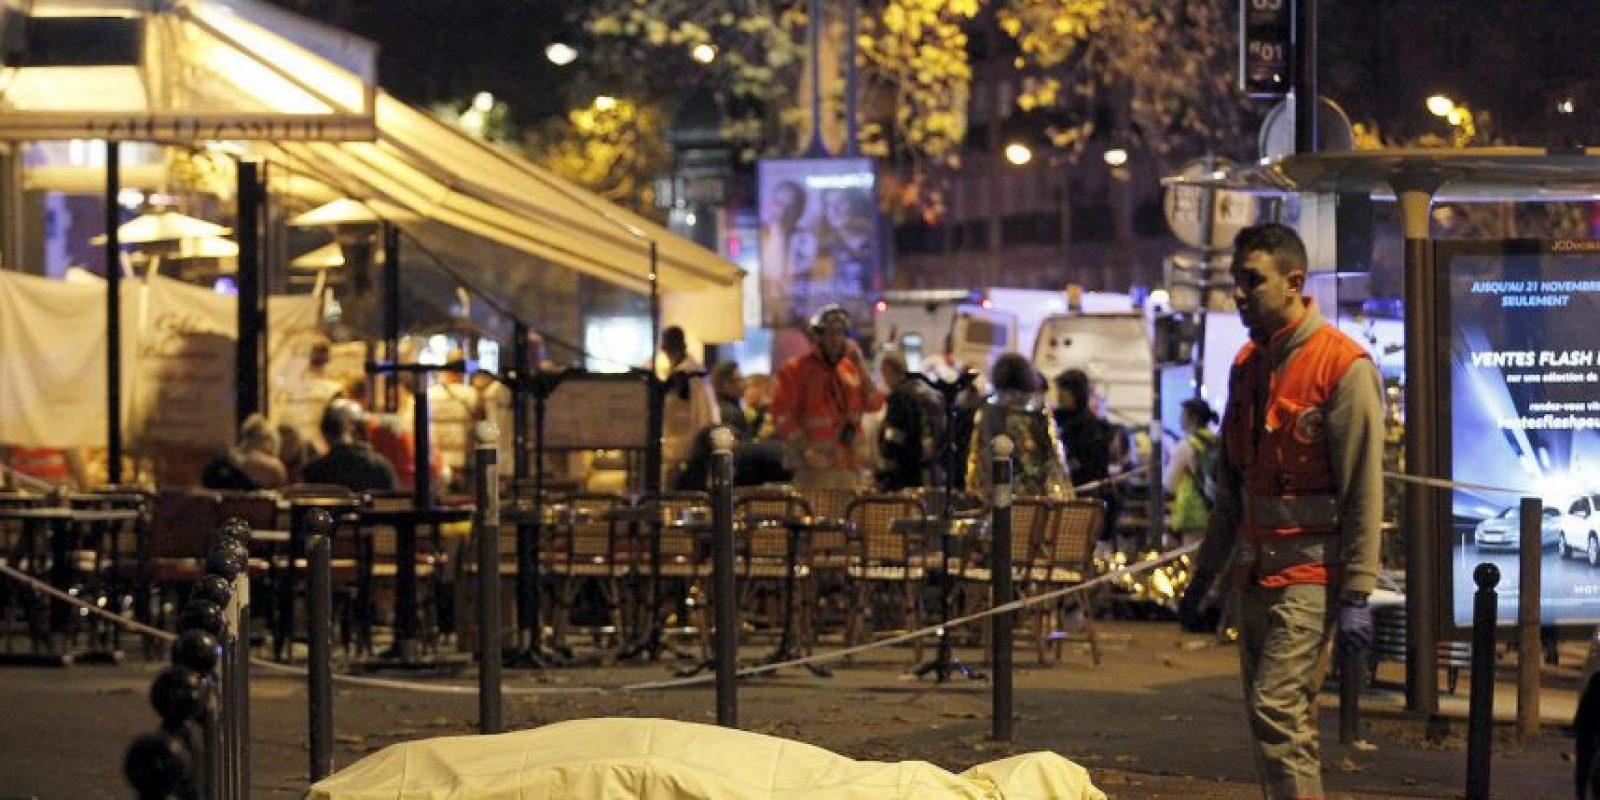 130 personas murieron en los atentados en París. Foto:Getty Images